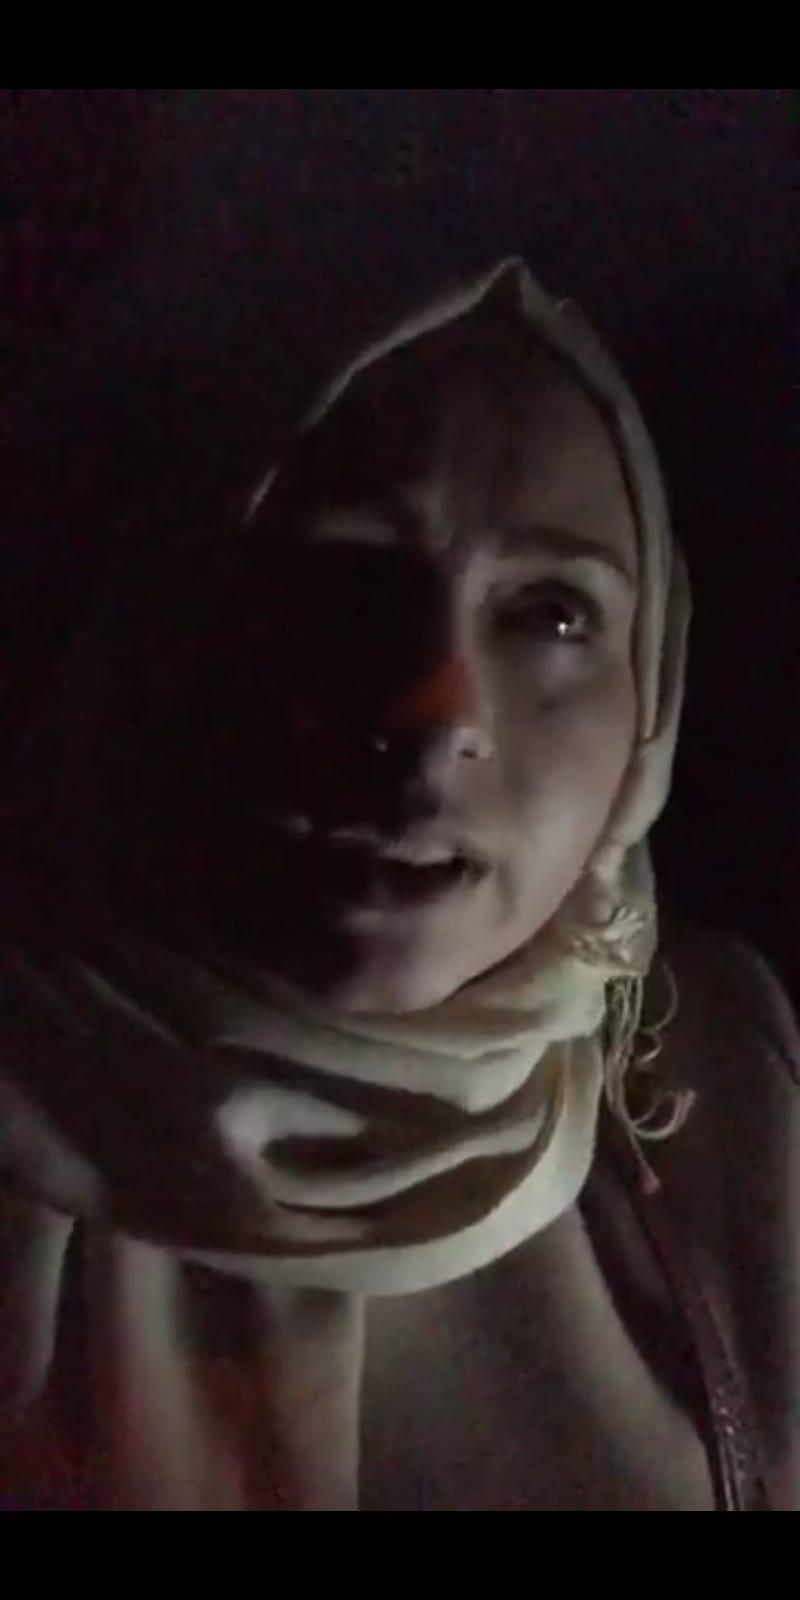 ناشطة إعلامية تنقذ بعض الشباب من موقف صعب .. وتحذر القادمين إلى الحدود 1